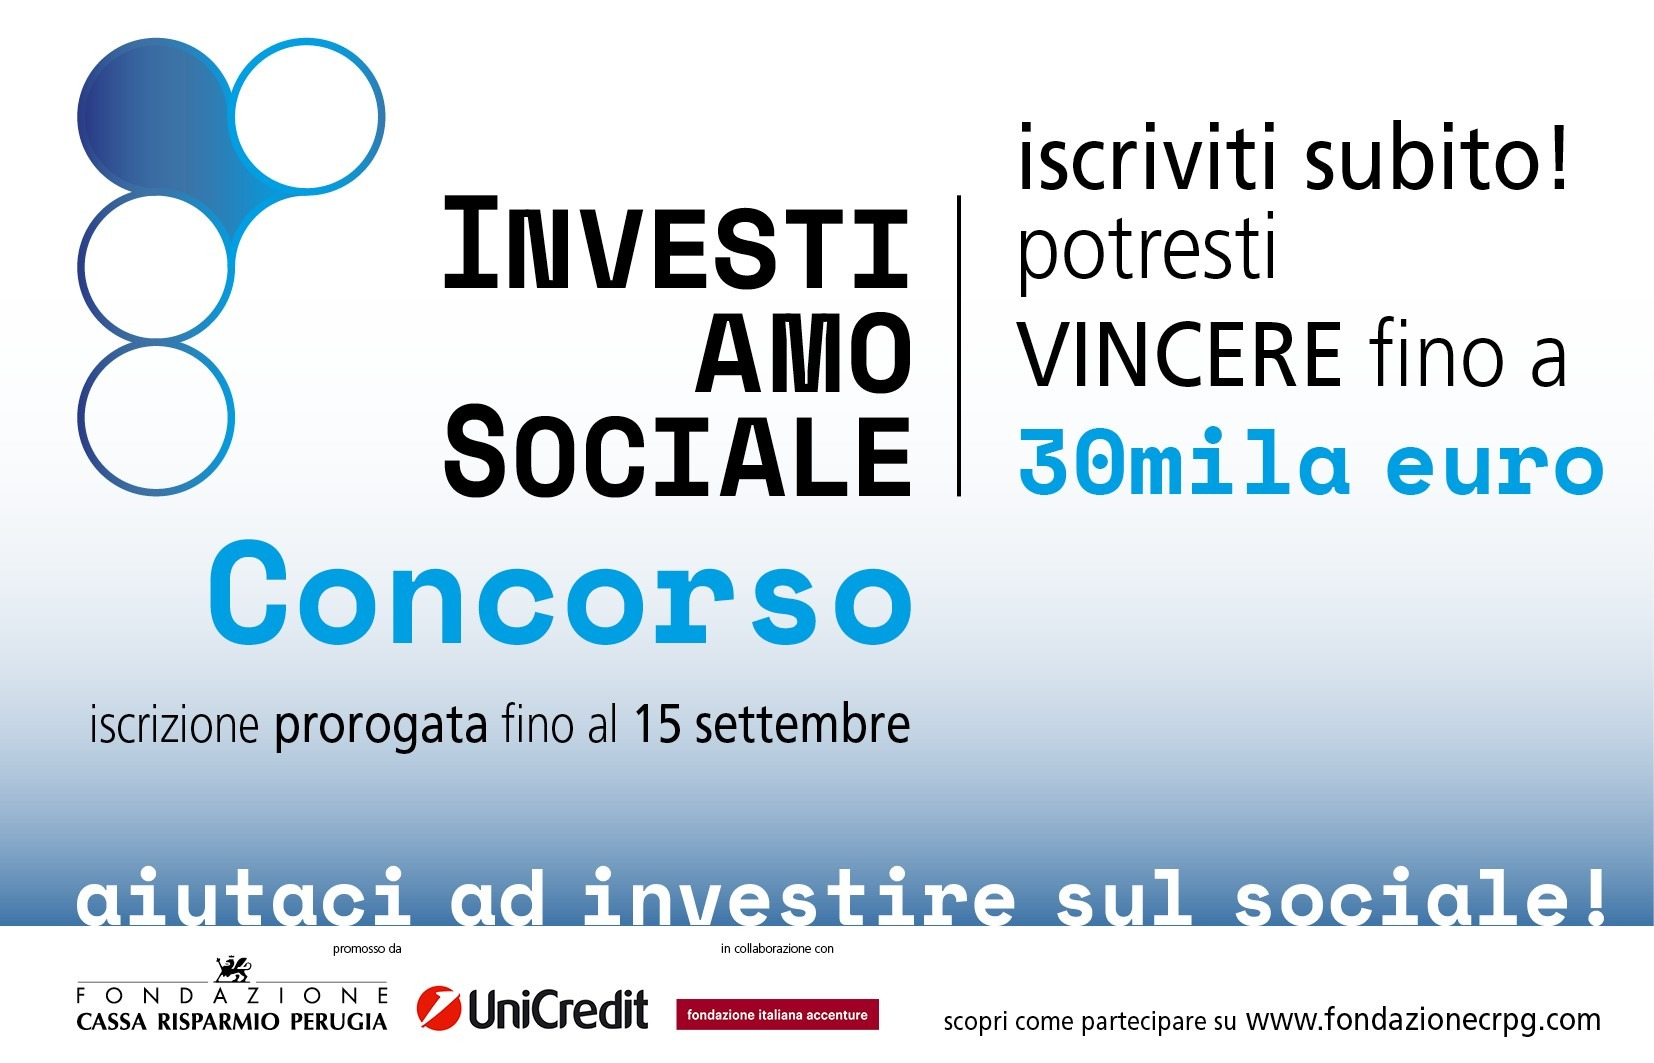 Fondazione Cassa Risparmio Perugia: Prorogata al 15 settembre la scadenza del concorso InvestiAMOsociale